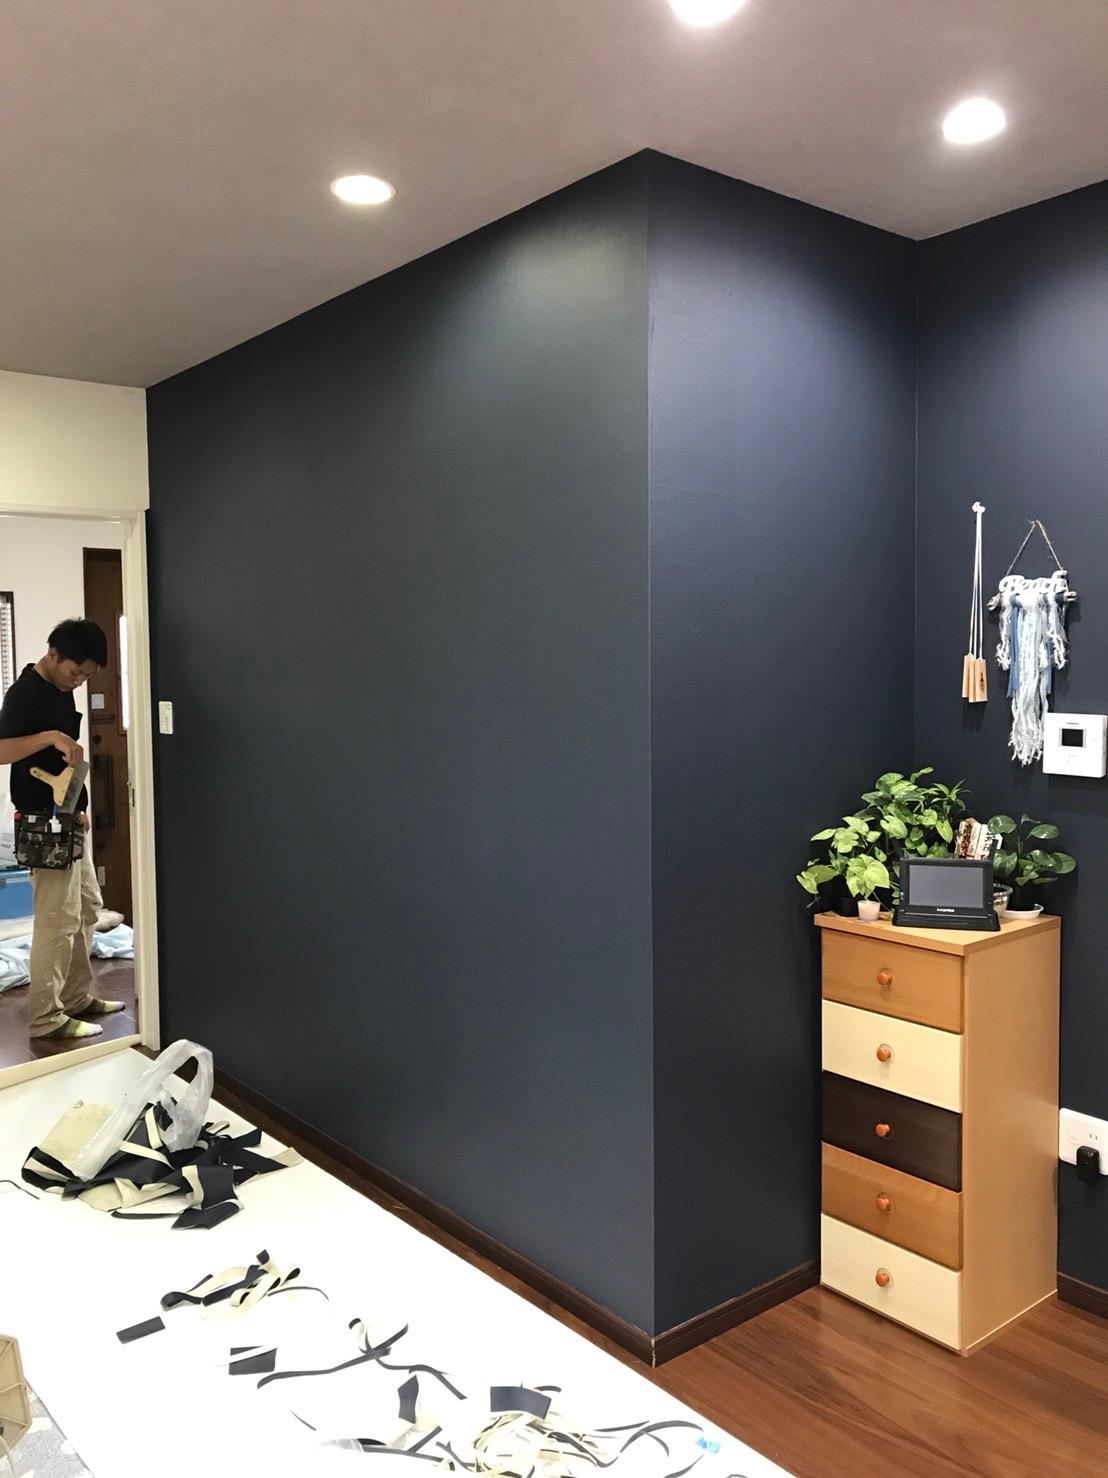 福岡県久留米市にて外壁塗装やリフォーム クロス 壁紙張替え 費用